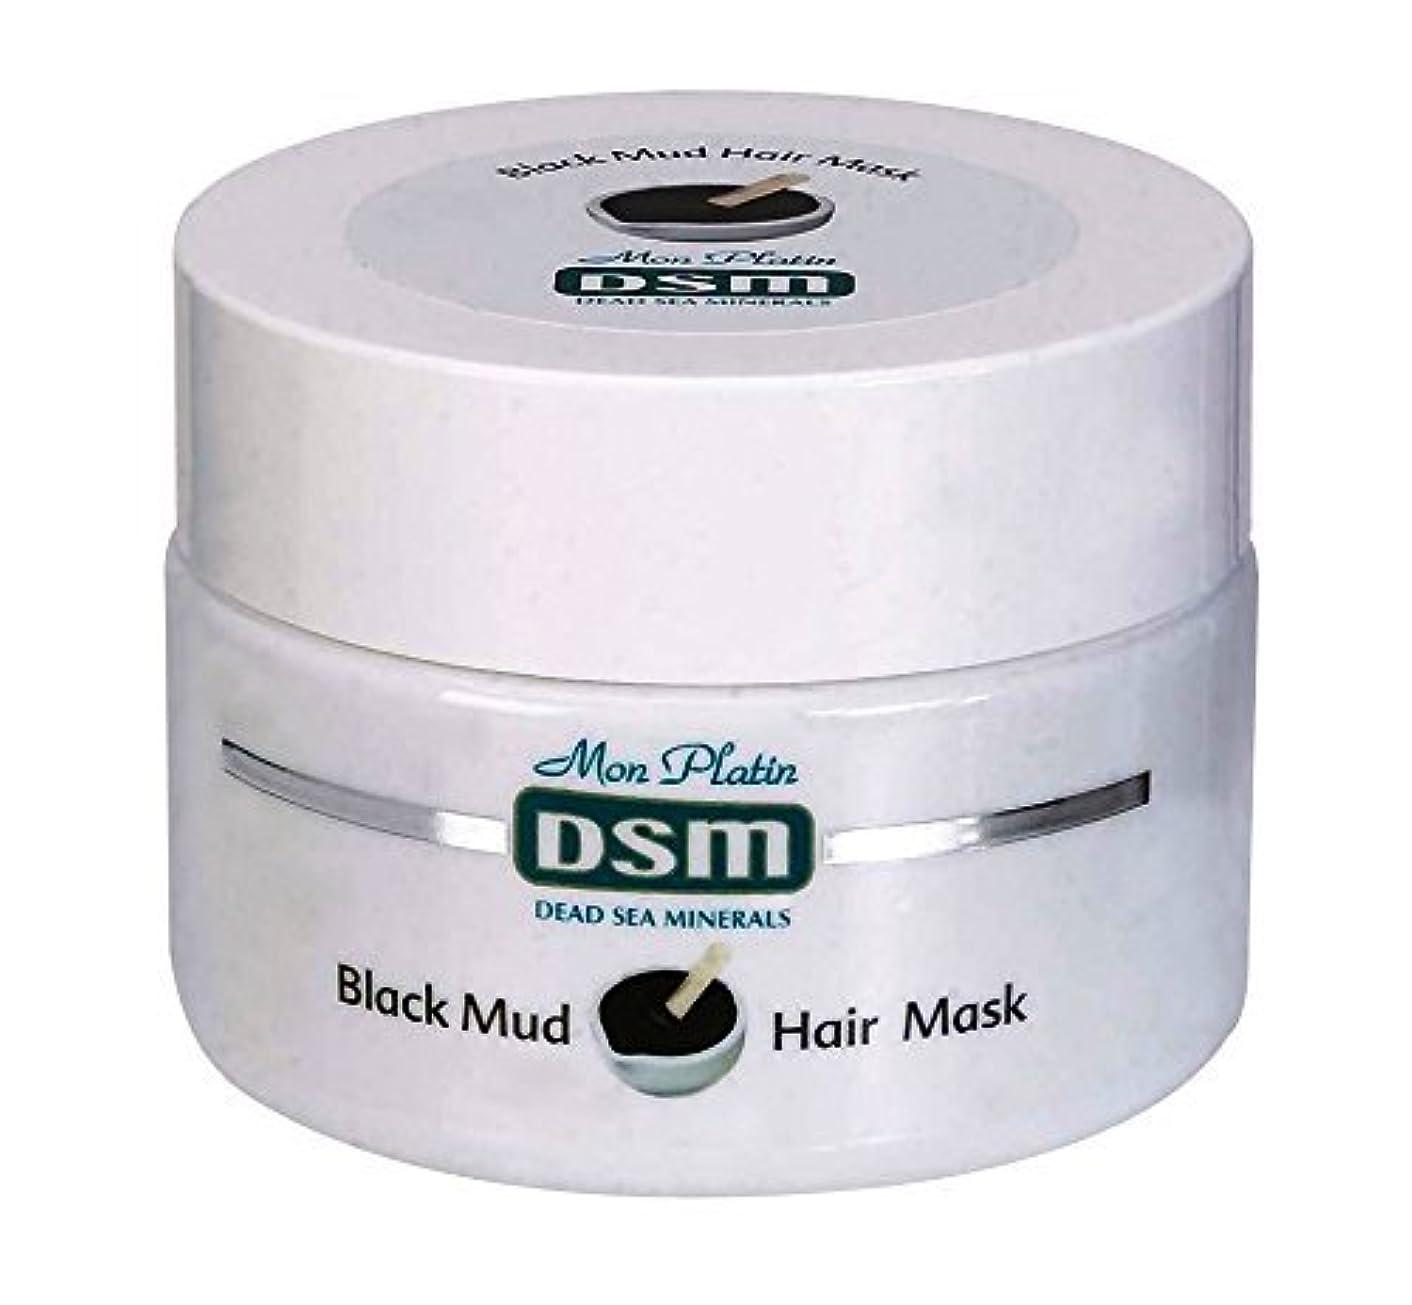 降下幻想的チャンス頭皮と髪のための髪の泥マスク 250mL 死海ミネラル 天然 お手入れ 美容 イスラエル 全皮膚タイプ ビタミン (Mud Hair Mask  for Scalp & Hair)